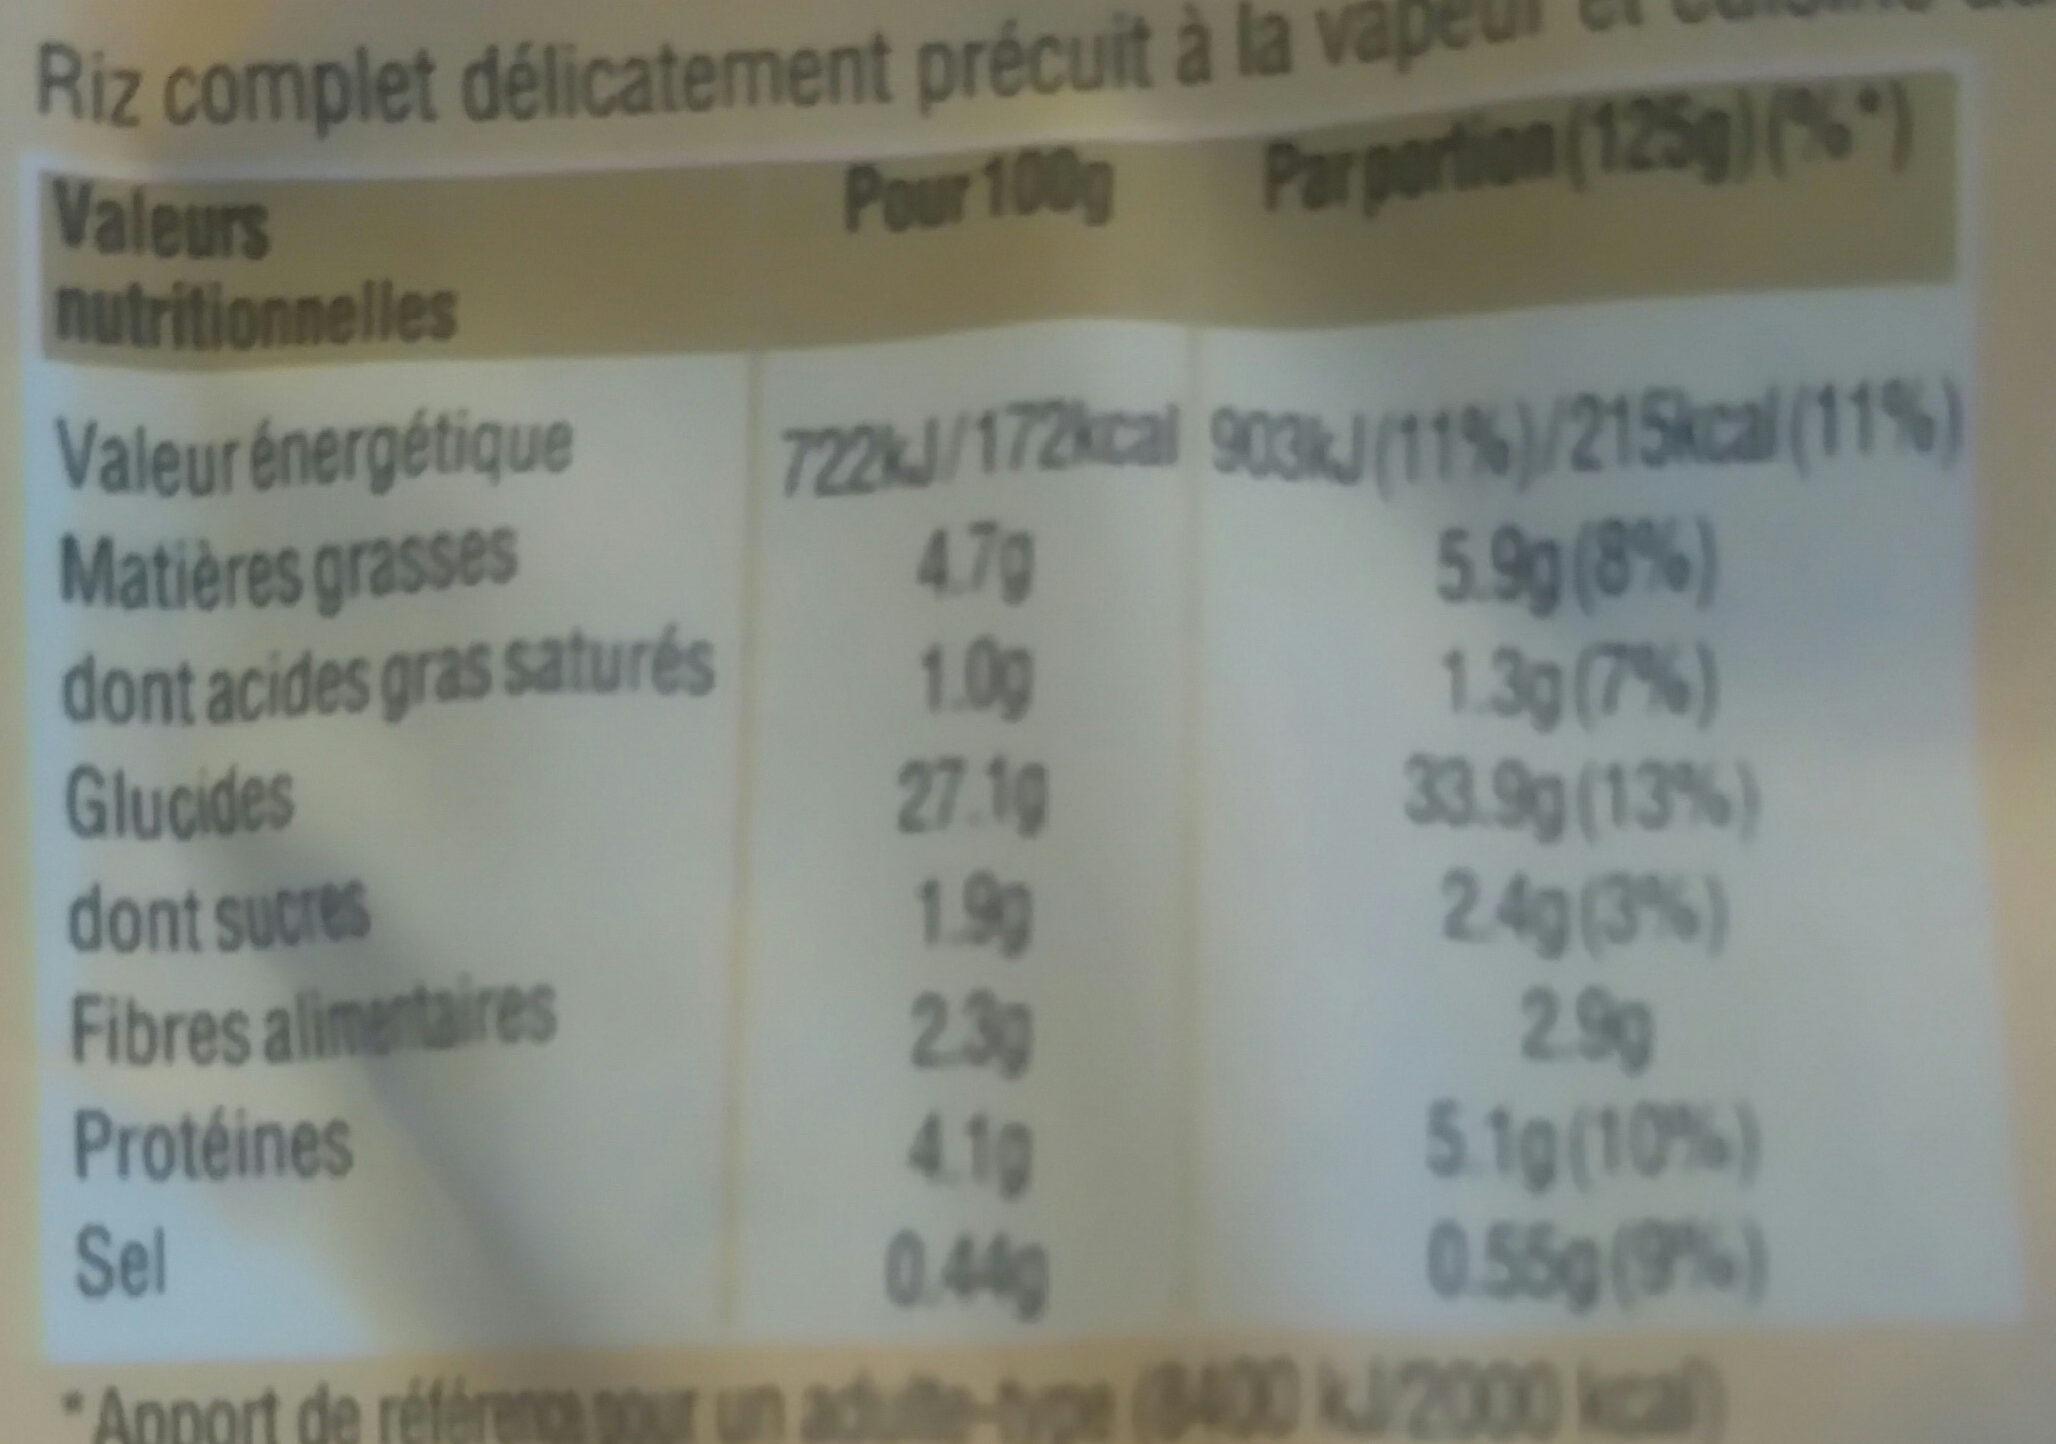 Riz complet à la méditerranéenne, 250g - Nutrition facts - fr